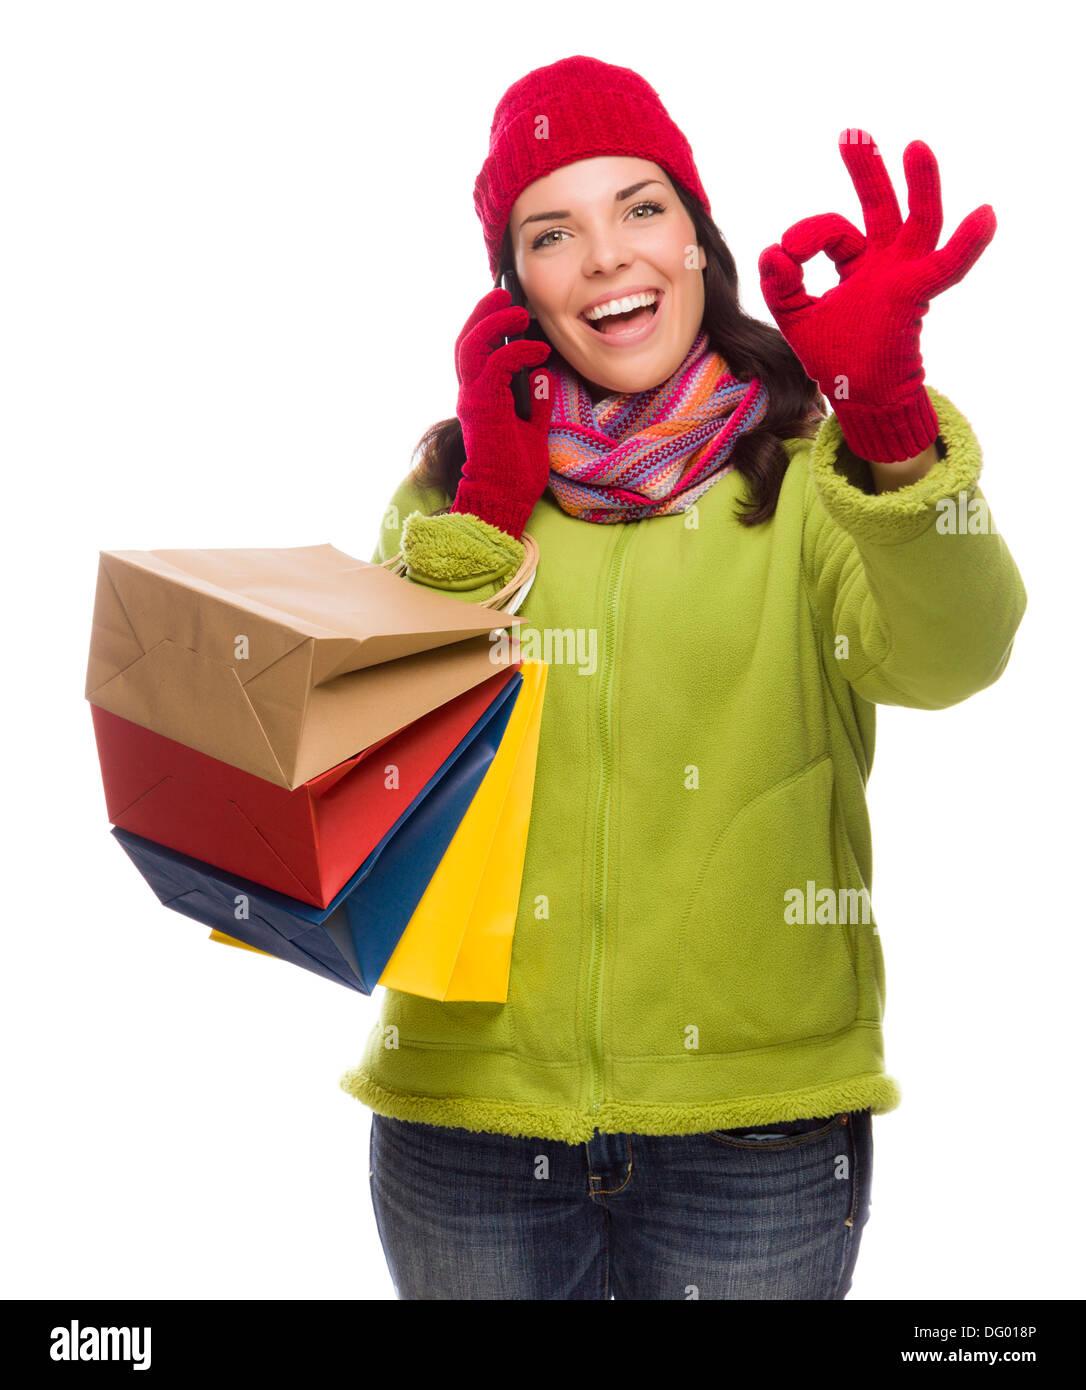 Gemischte Rassen Frau mit Einkaufstüten sprechen über ihr Handy geben Ok Geste, Isolated on White Background. Stockbild